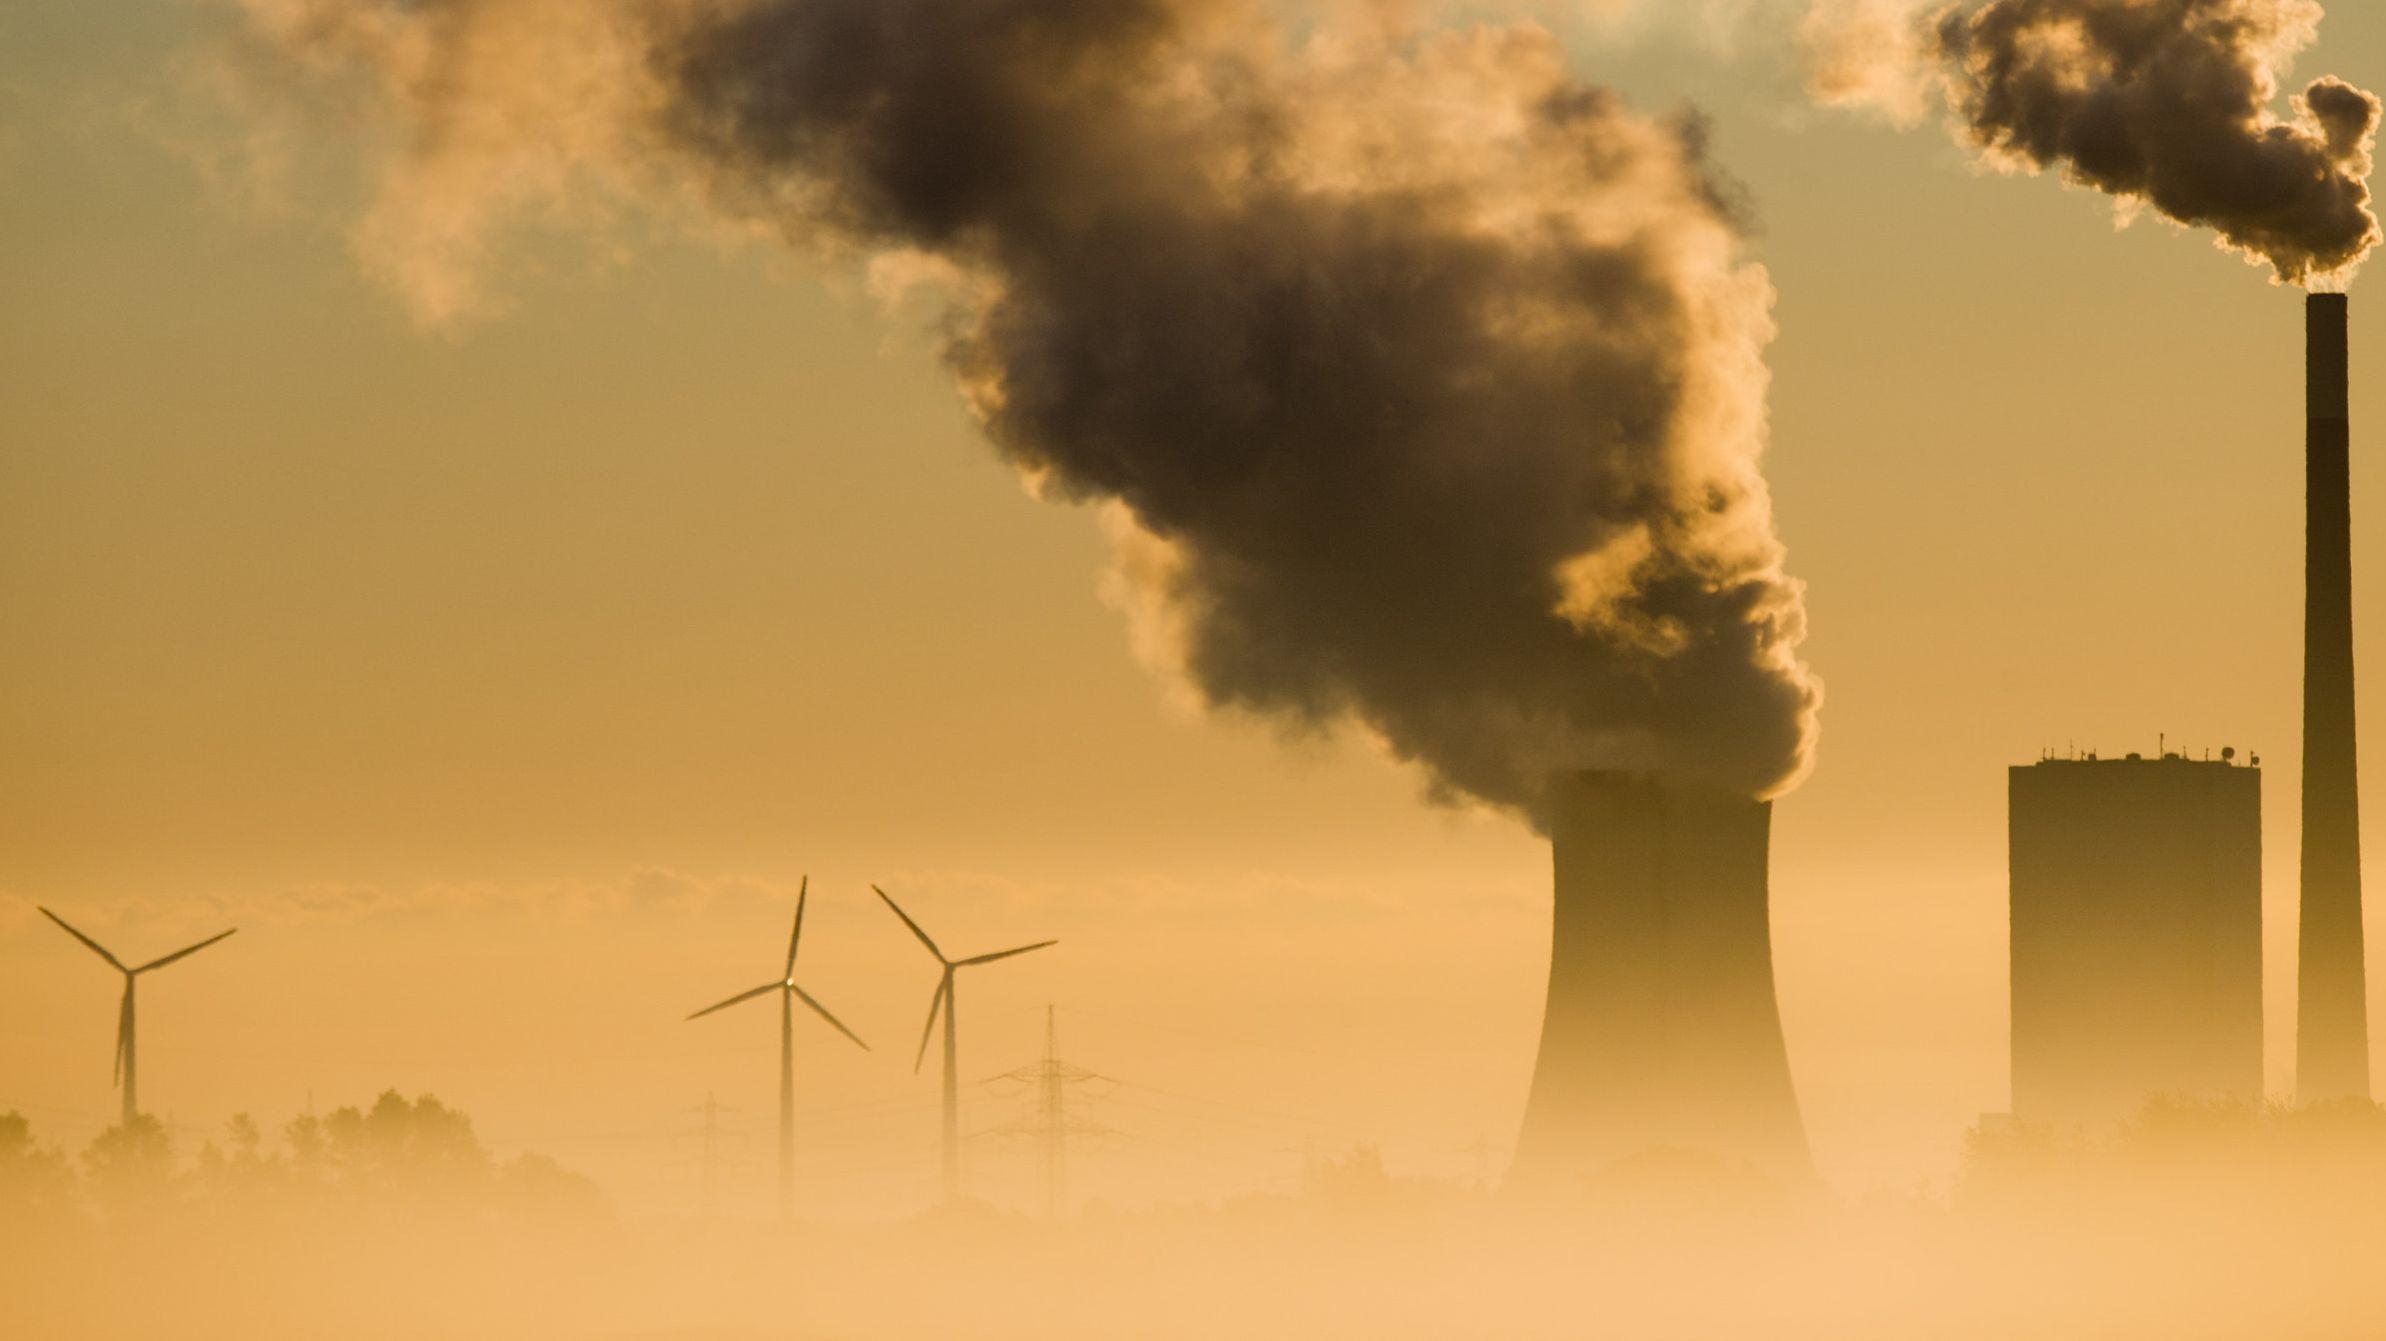 Kohlekraftwerke und Windräder im Smog